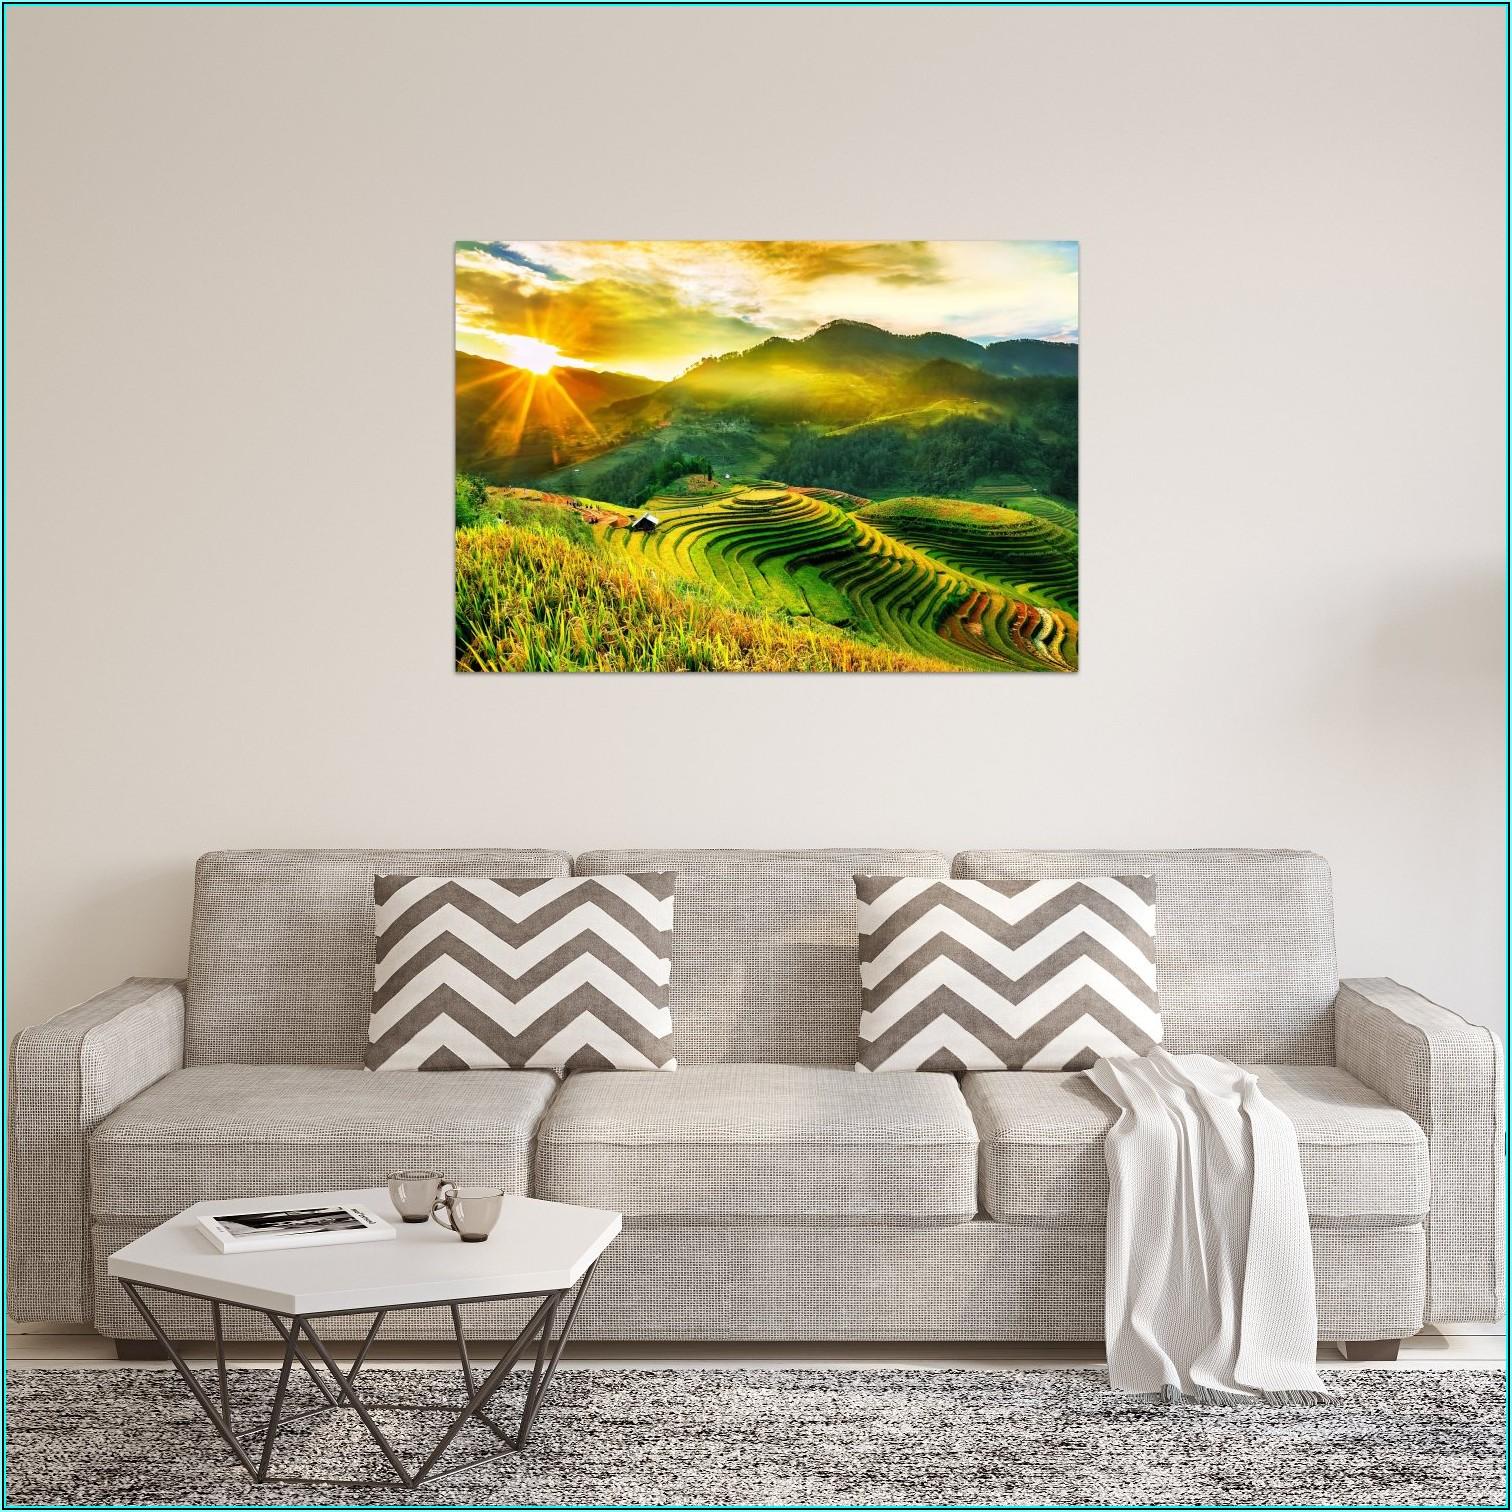 Bilder Wohnzimmer Acrylglas